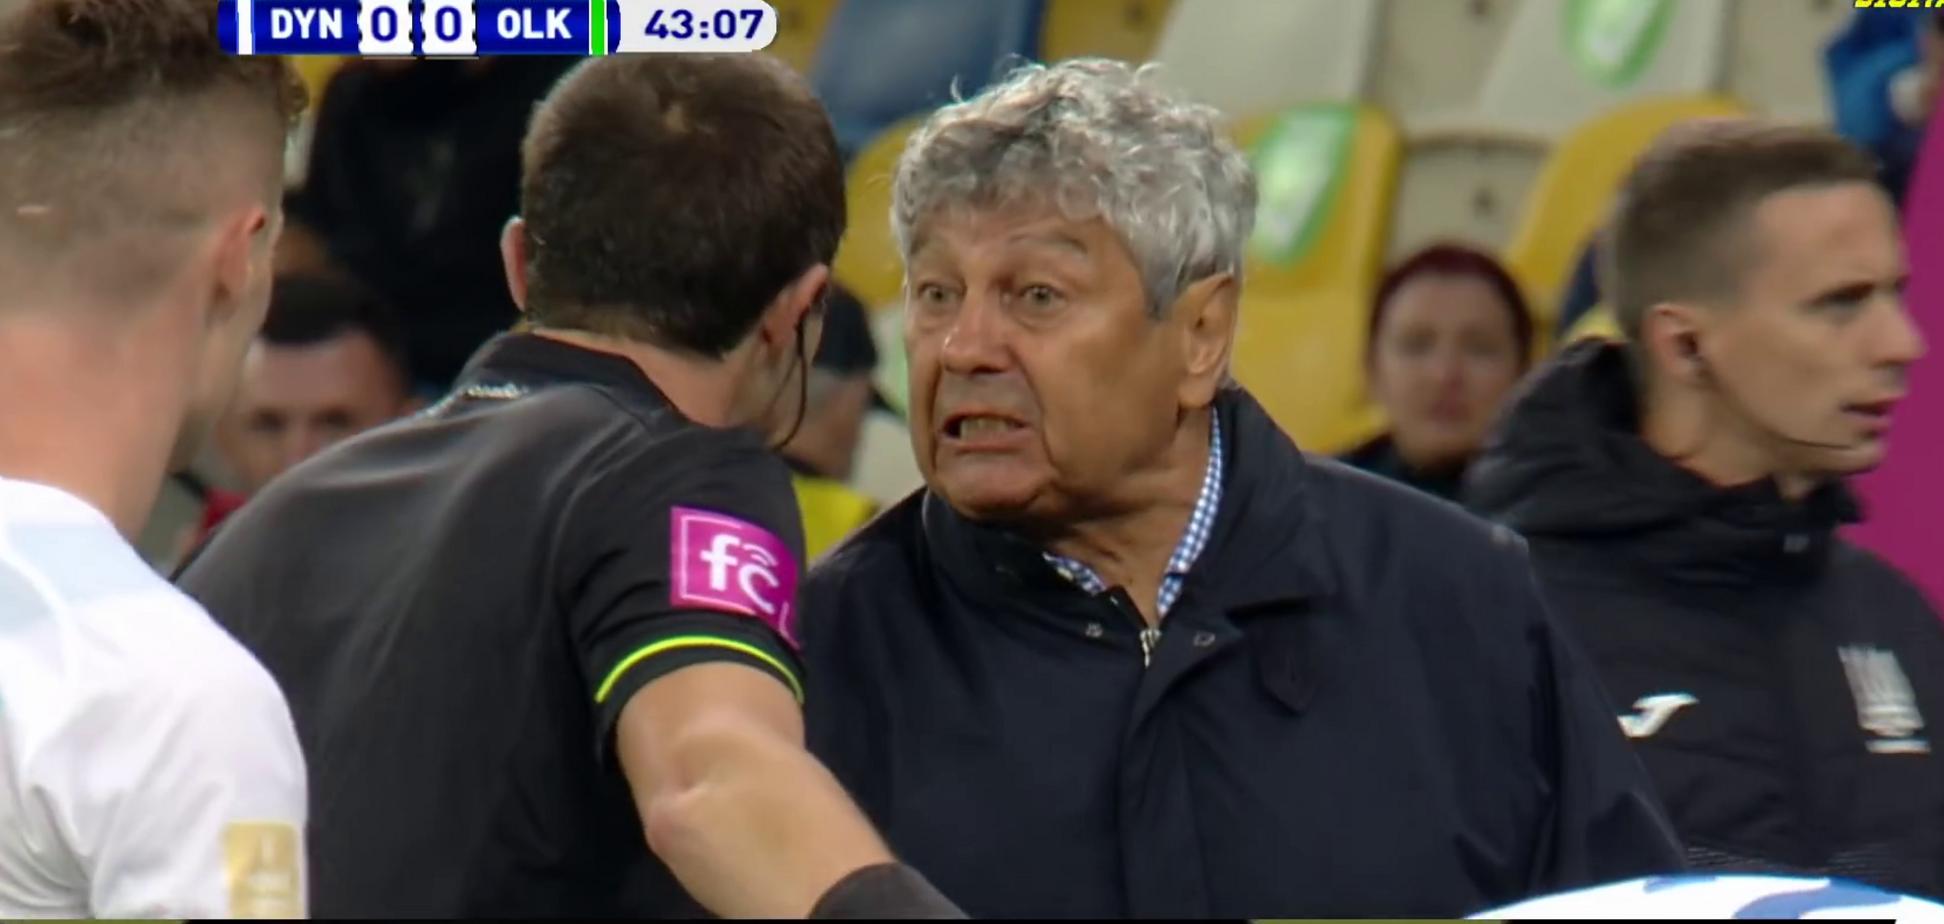 Мирча Луческу не сдержал эмоций